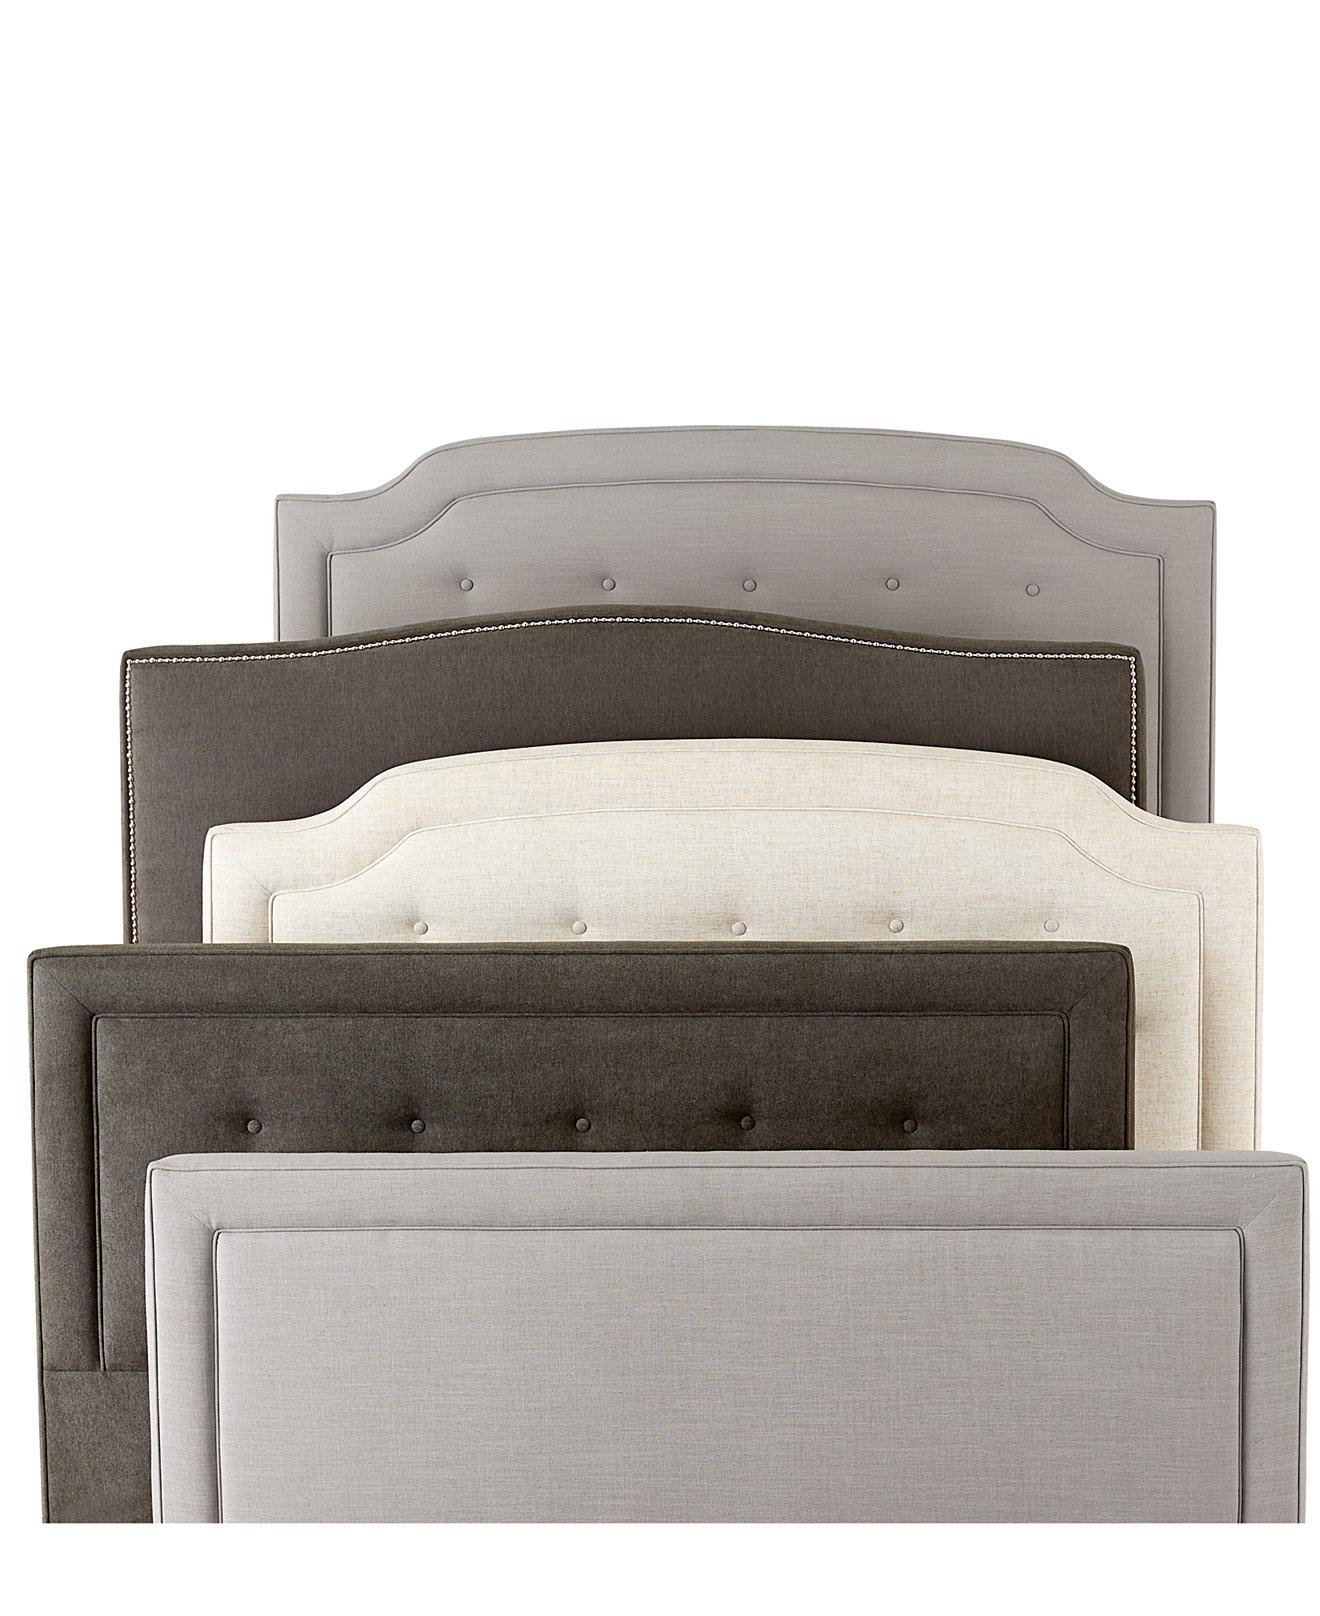 Macy S Bedroom Furniture Bedroom Collections Bedroom Collections Macys